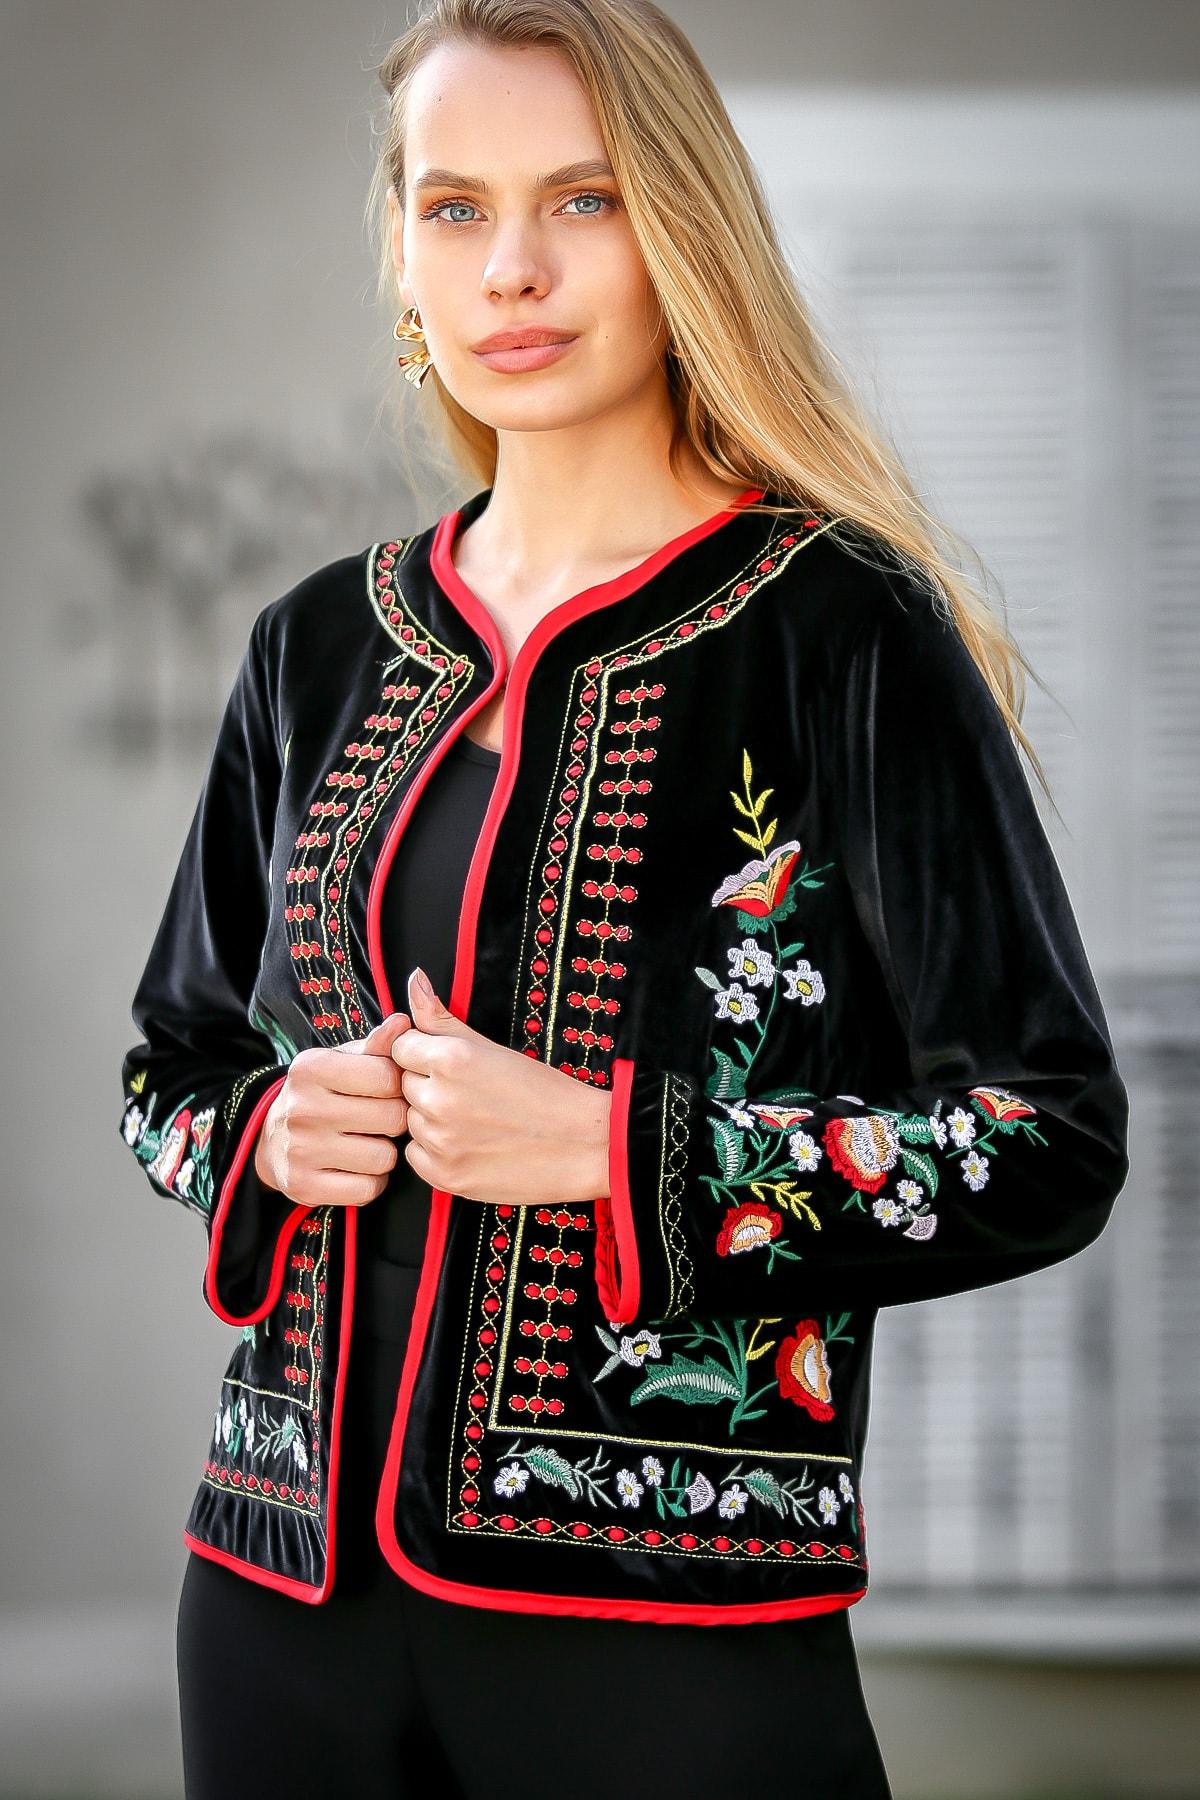 Chiccy Kadın Siyah Bohem Çin Karanfili Nakışlı Velur Cepken Ceket C10210100CE99500